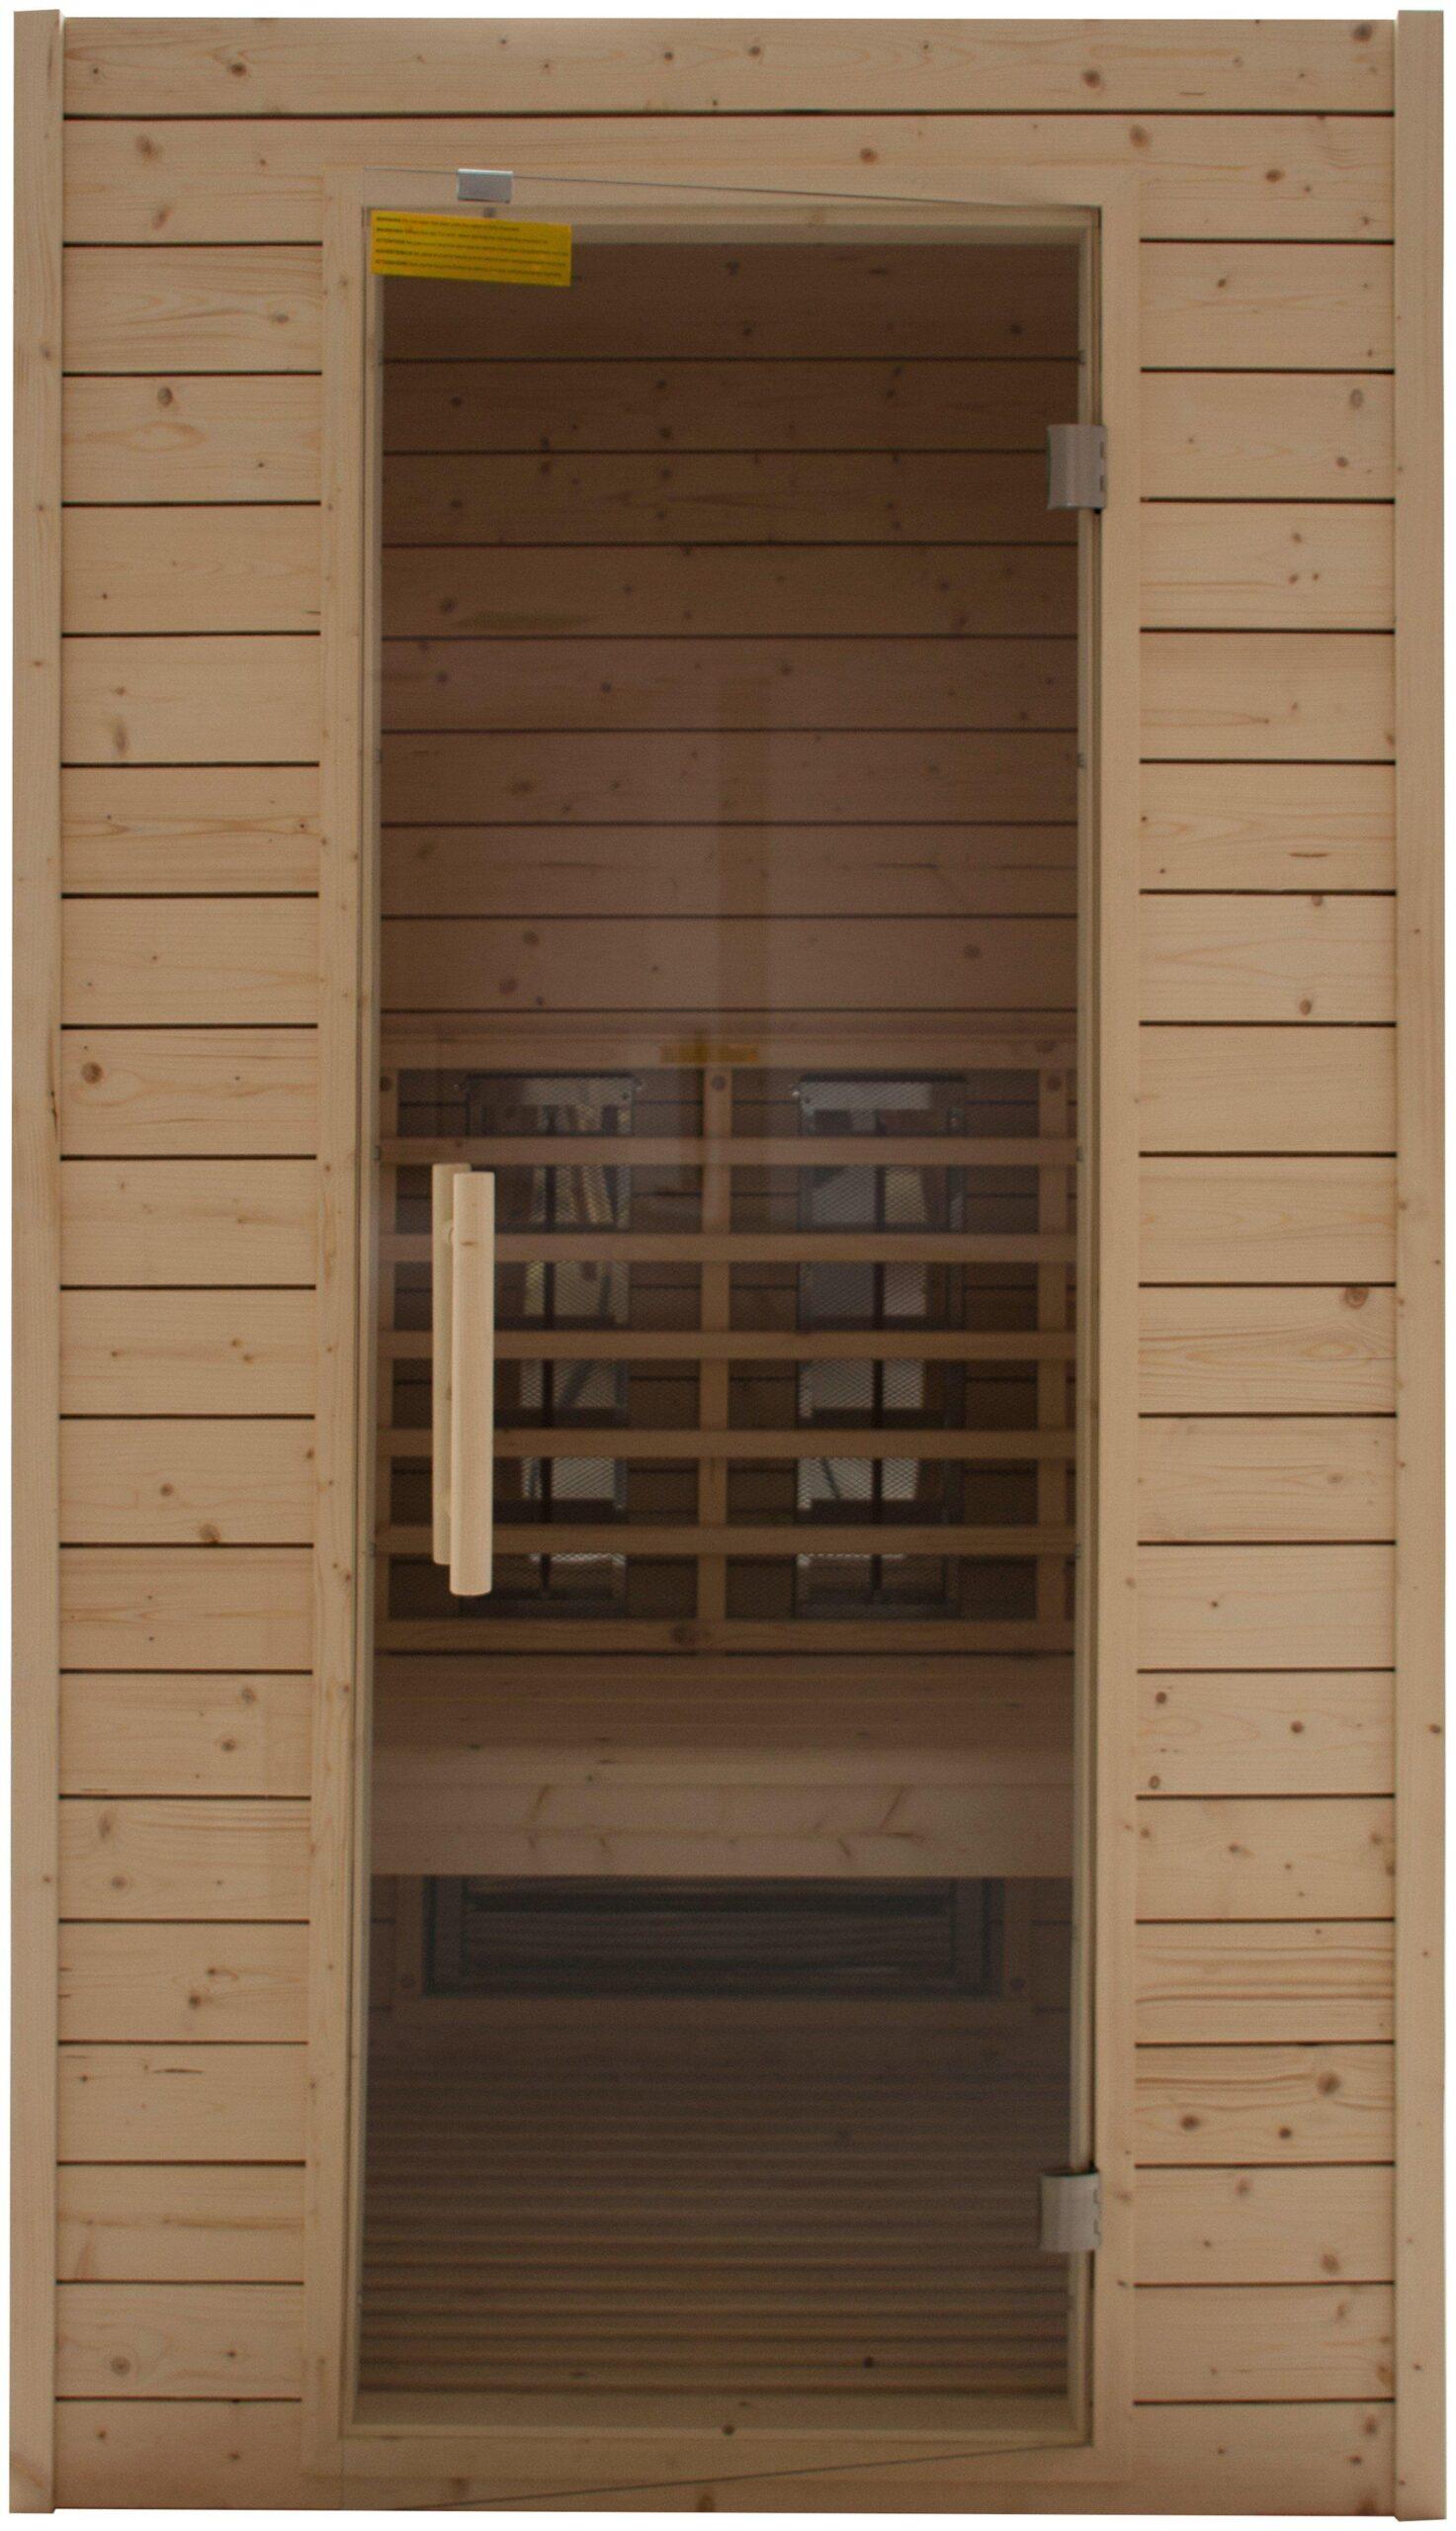 Full Size of Sauna Kaufen Roro Spa Saunen Online Mbel Suchmaschine Dusche Betten Günstig Sofa Verkaufen Fenster In Polen Outdoor Küche Bett Aus Paletten 180x200 Alte Wohnzimmer Sauna Kaufen